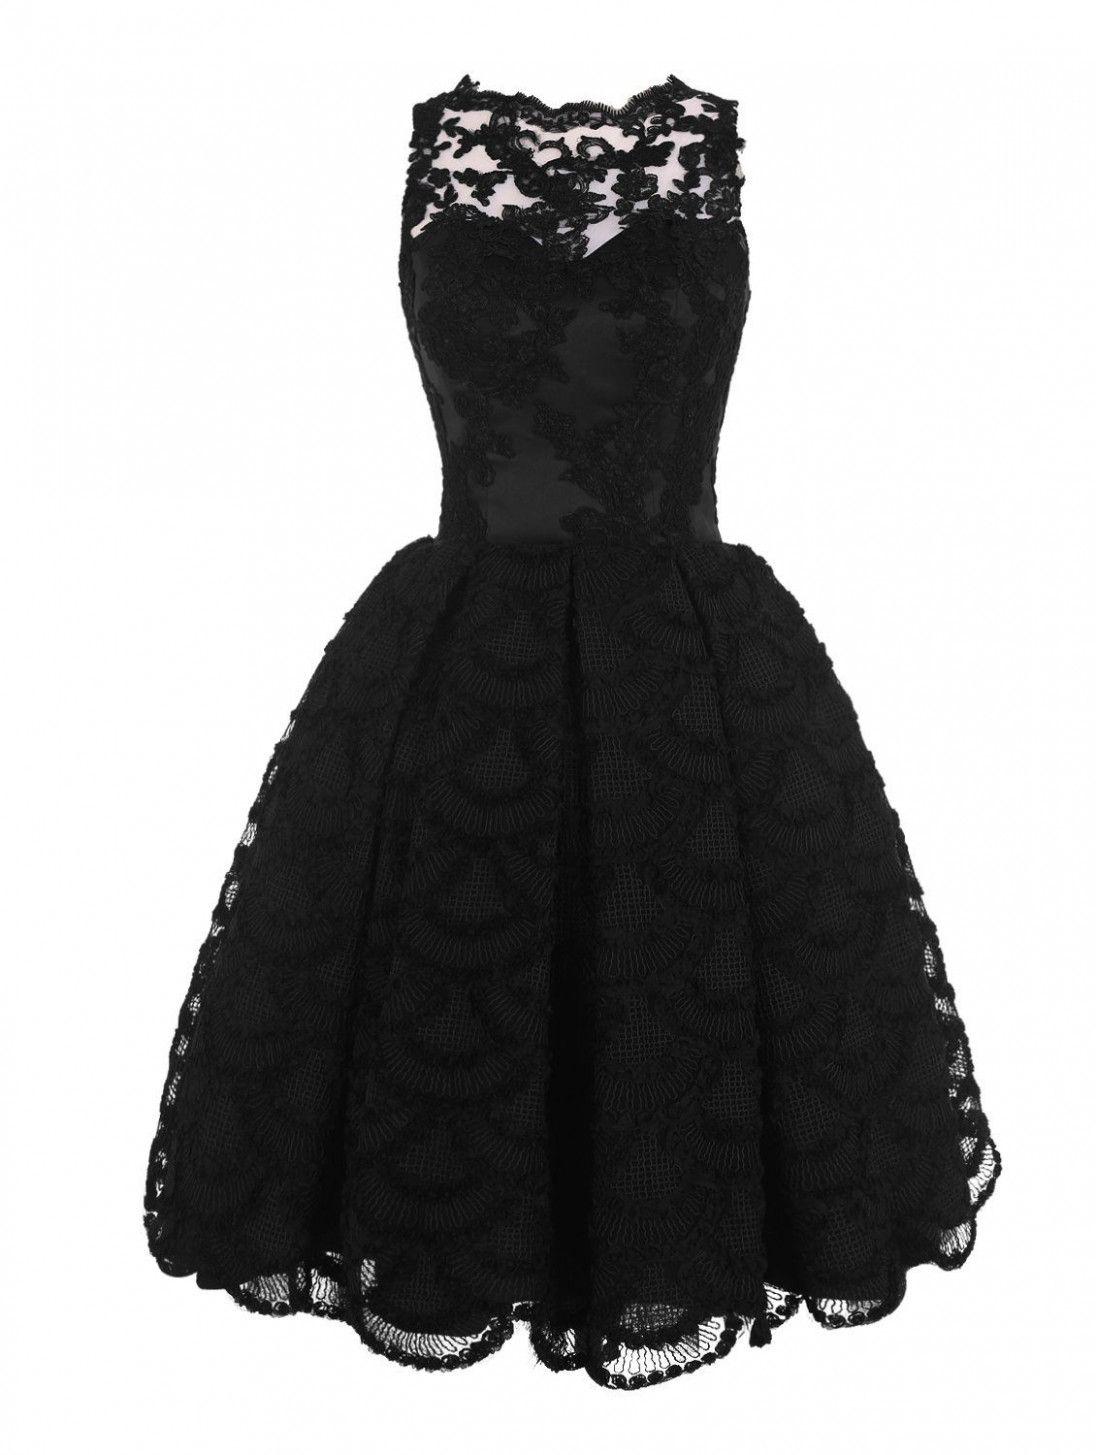 11 konfirmationskleider schwarz in 2020 | kleider, schöne